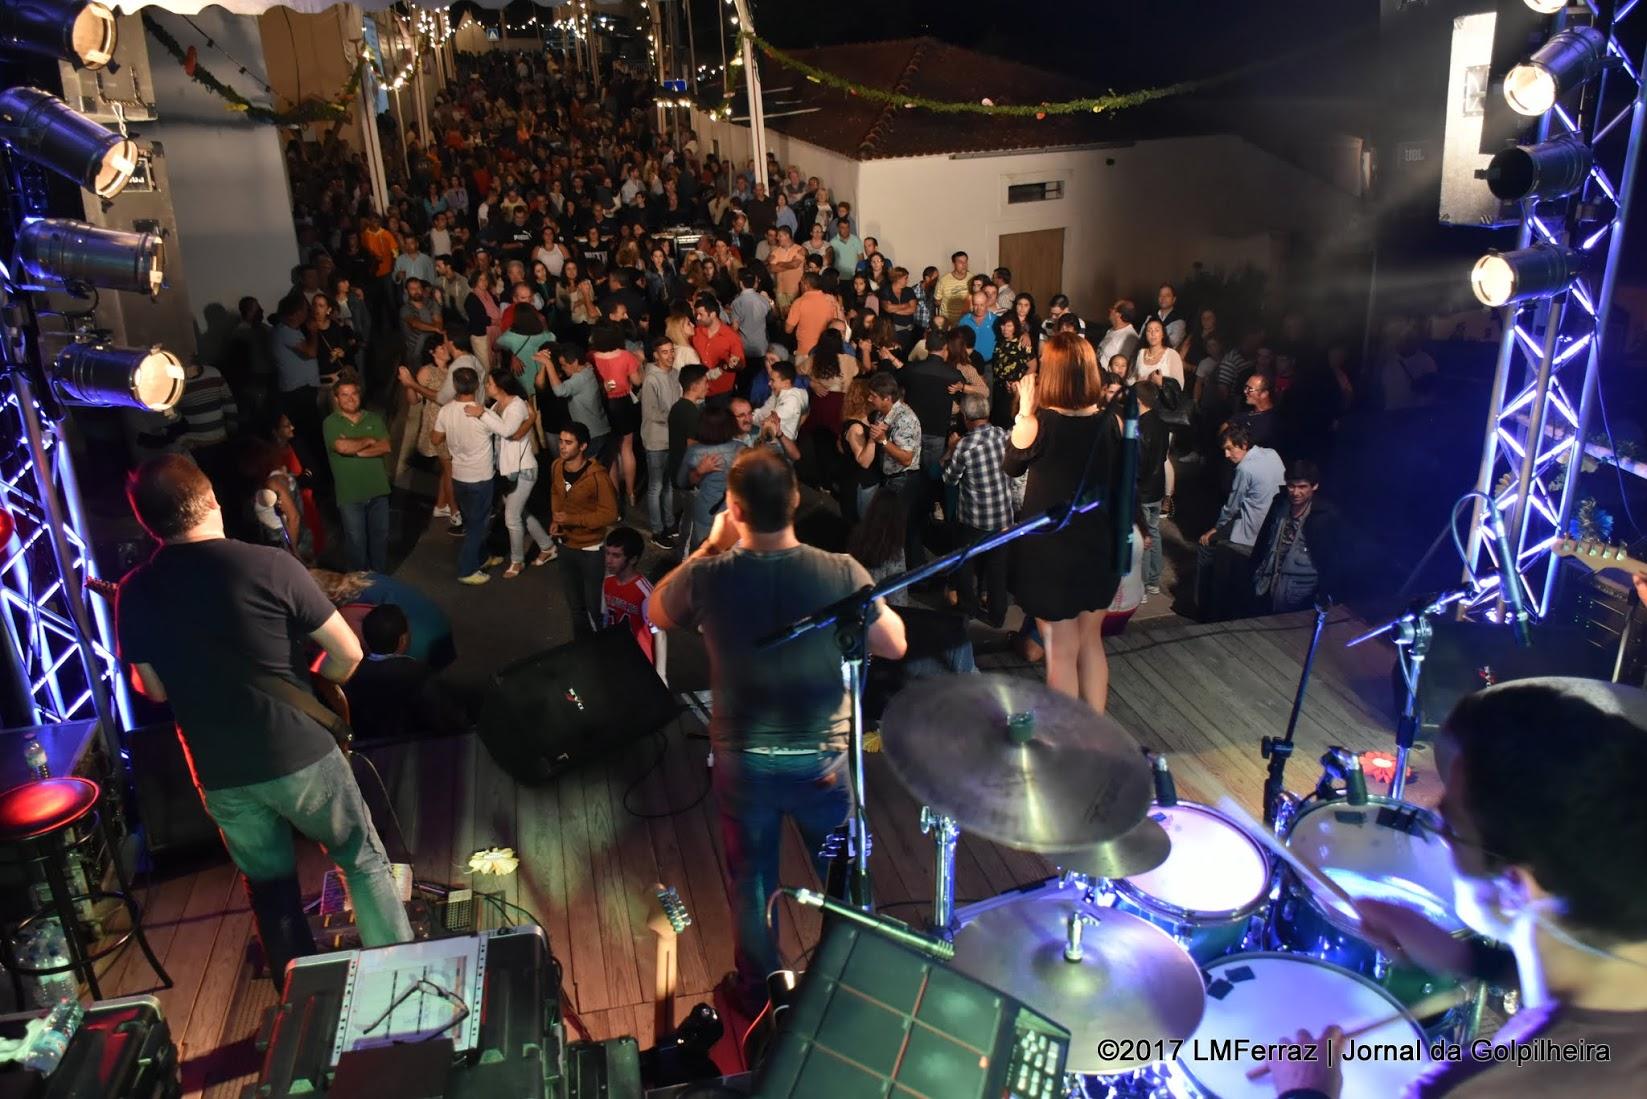 Multidão festejouSenhor Bom Jesus dos Aflitos,Padroeiro da Comunidade Cristã da Golpilheira